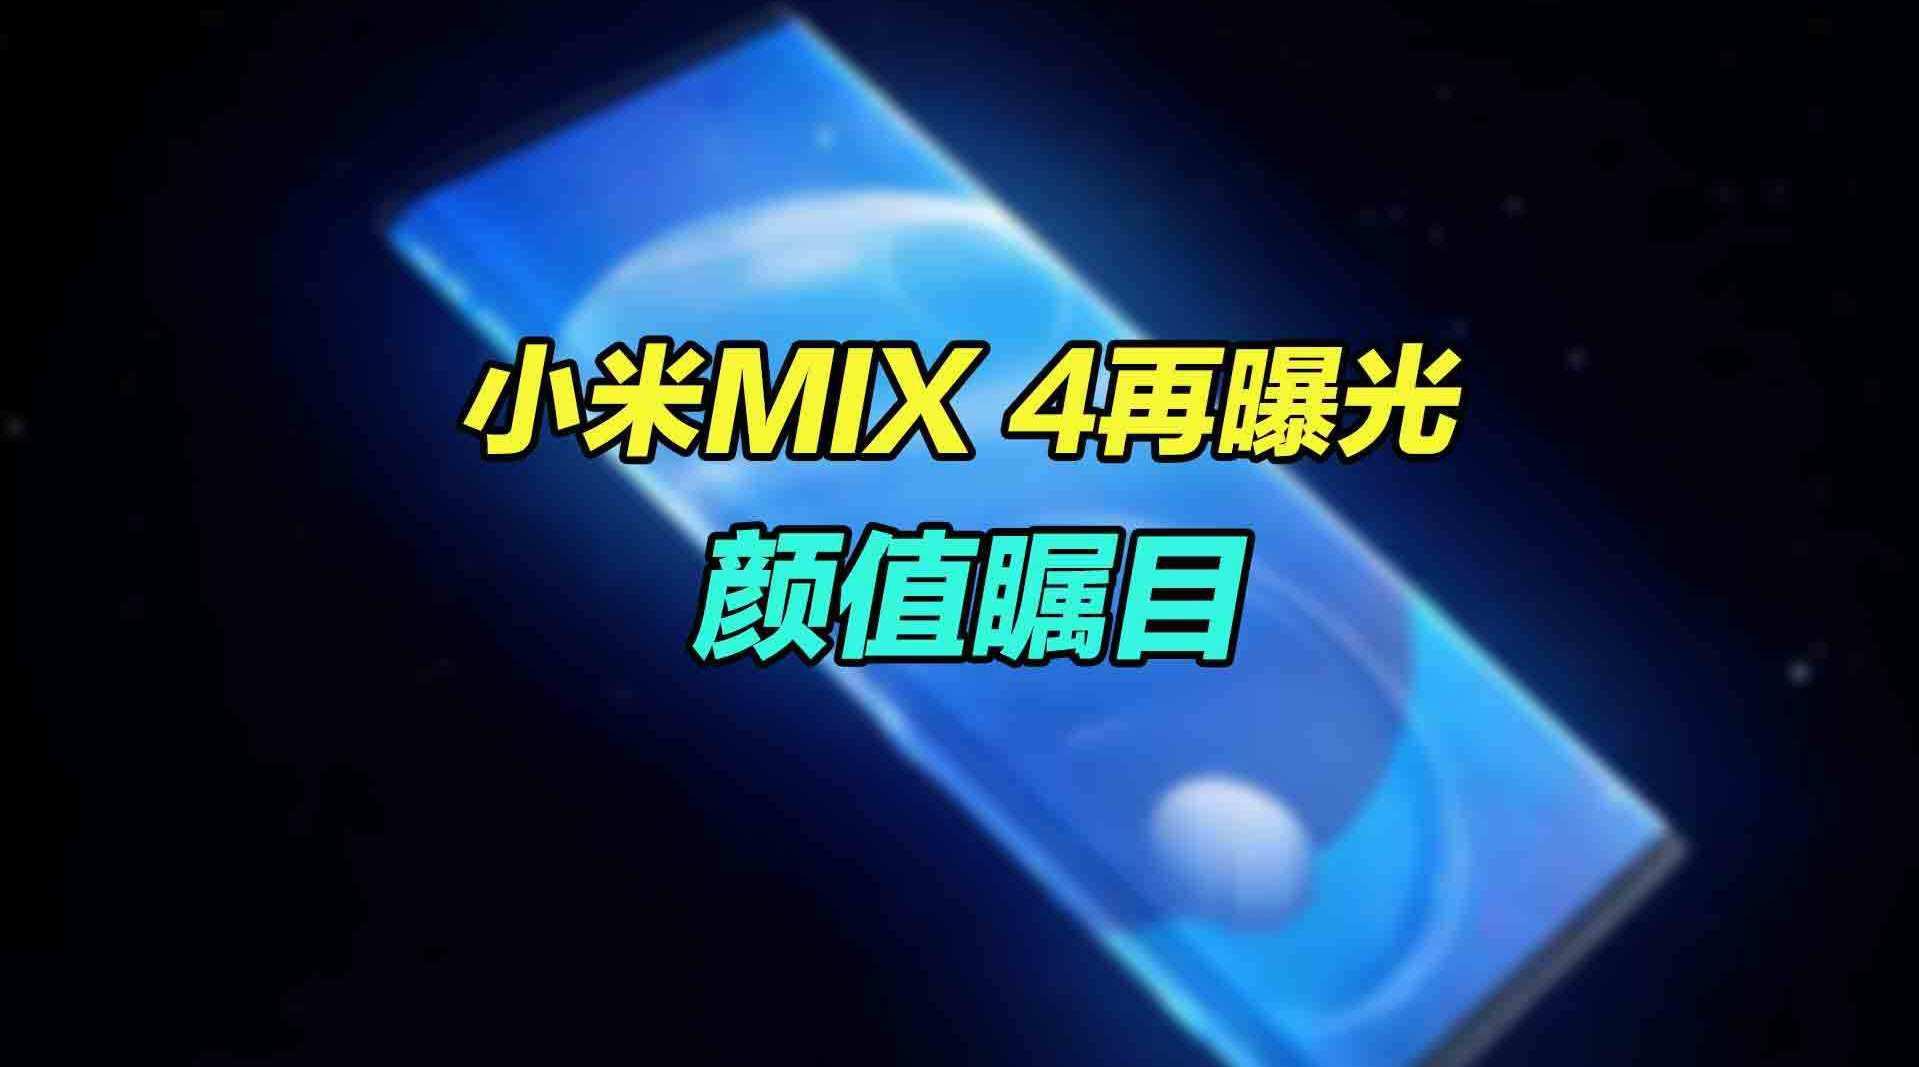 小米MIX 4再曝光:120Hz 2K环绕屏,颜值瞩目